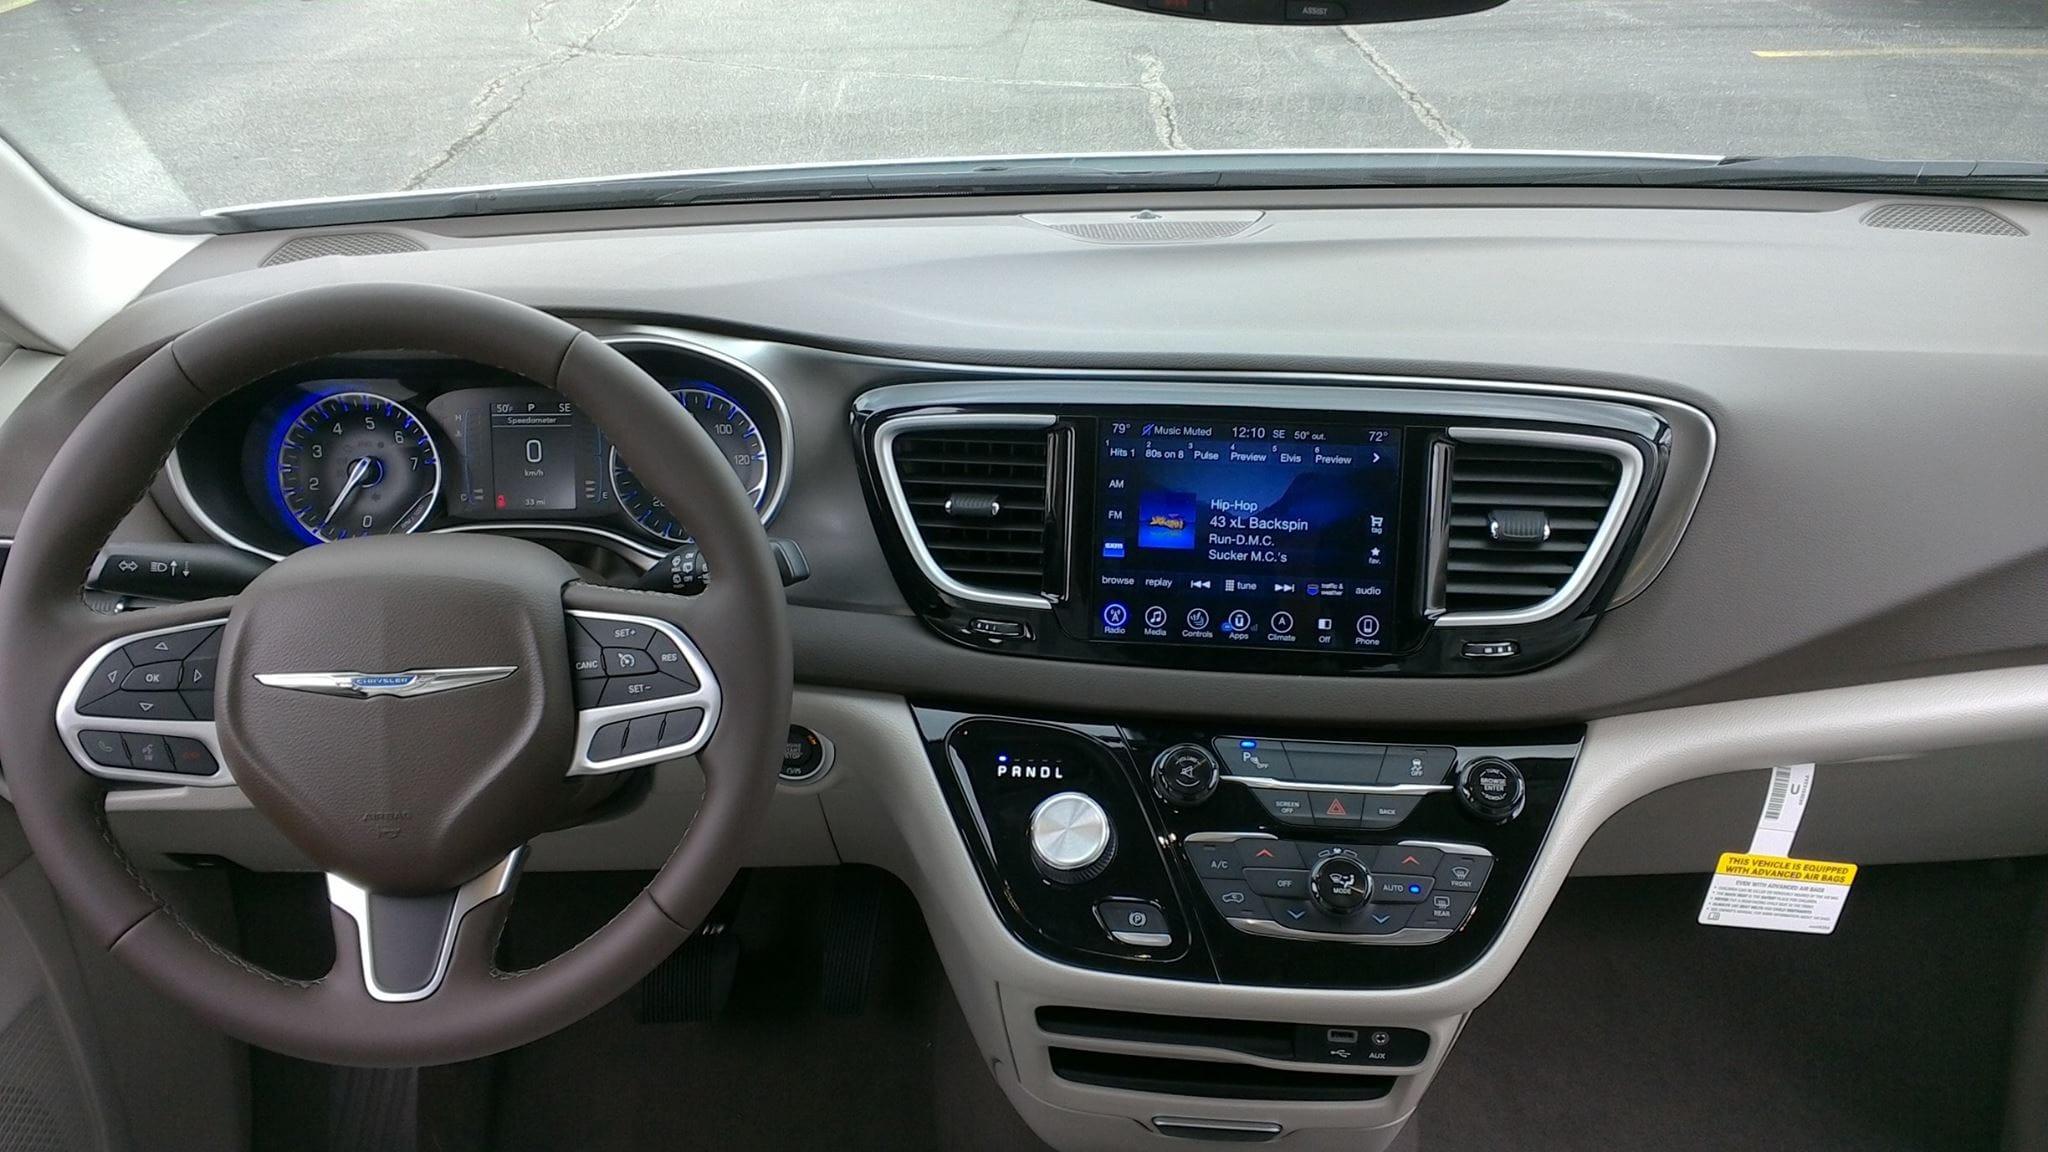 2017 Chrysler Pacifica Interior